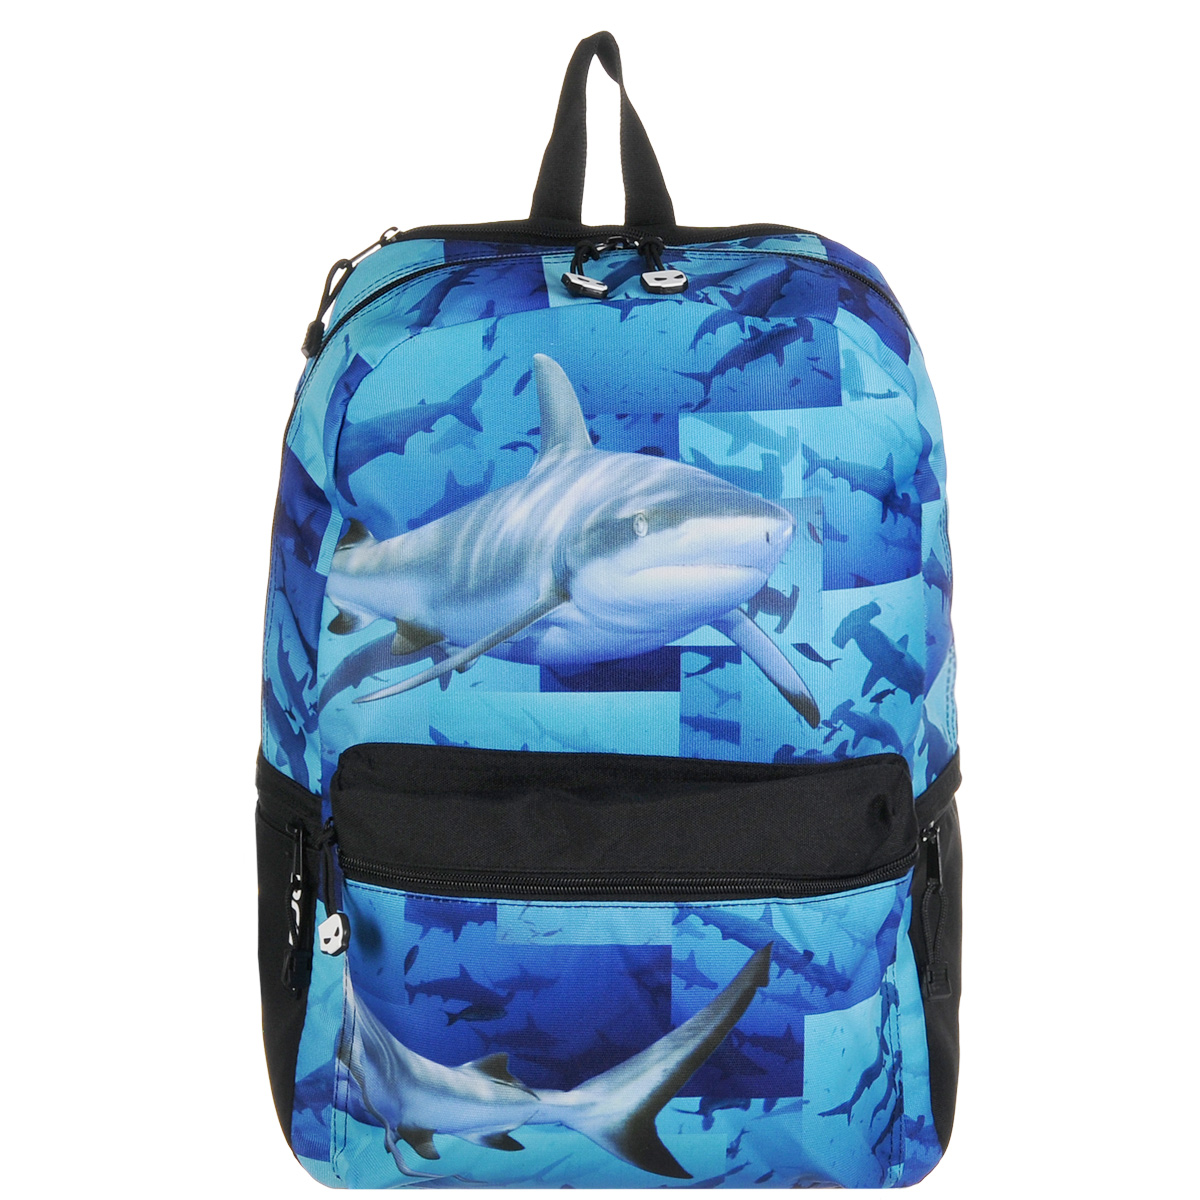 Рюкзак городской Mojo Pax Sharks, 20 л3263203410Городской рюкзак Mojo Pax Sharks подходит для тех, кто привык шокировать и выделяться из толпы. Идеальный вариант для школьников и студентов. Рюкзак выполнен из плотного полиэстера с оригинальным рисунком, материал изделия устойчив к воздействию влаги и не выгорает. Модель очень вместительная и функциональная: в основной отсек, закрывающийся на застежку-молнию, вместятся тетрадки, учебники и другие вещи. Также имеется специальное отделение для планшета, с мягкими стенками для защиты гаджета от повреждений. Снаружи расположено 3 кармашка на молнии для мелочей. Рюкзак имеет уплотненную спинку и мягкие широкие лямки регулируемой длины, а также петлю для переноски в руке. В этом динамичном мире дерзкий и яркий дизайн рюкзаков - не просто дань моде, а сигнал: Я не буду сливаться с толпой, я привык выделяться и везде быть первым!. Принт активного синего цвета с акулами смотрится действительно опасно и смело. За счет люминесцентной краски в ультрафиолете рюкзак светится ярко-синим неоновым цветом.